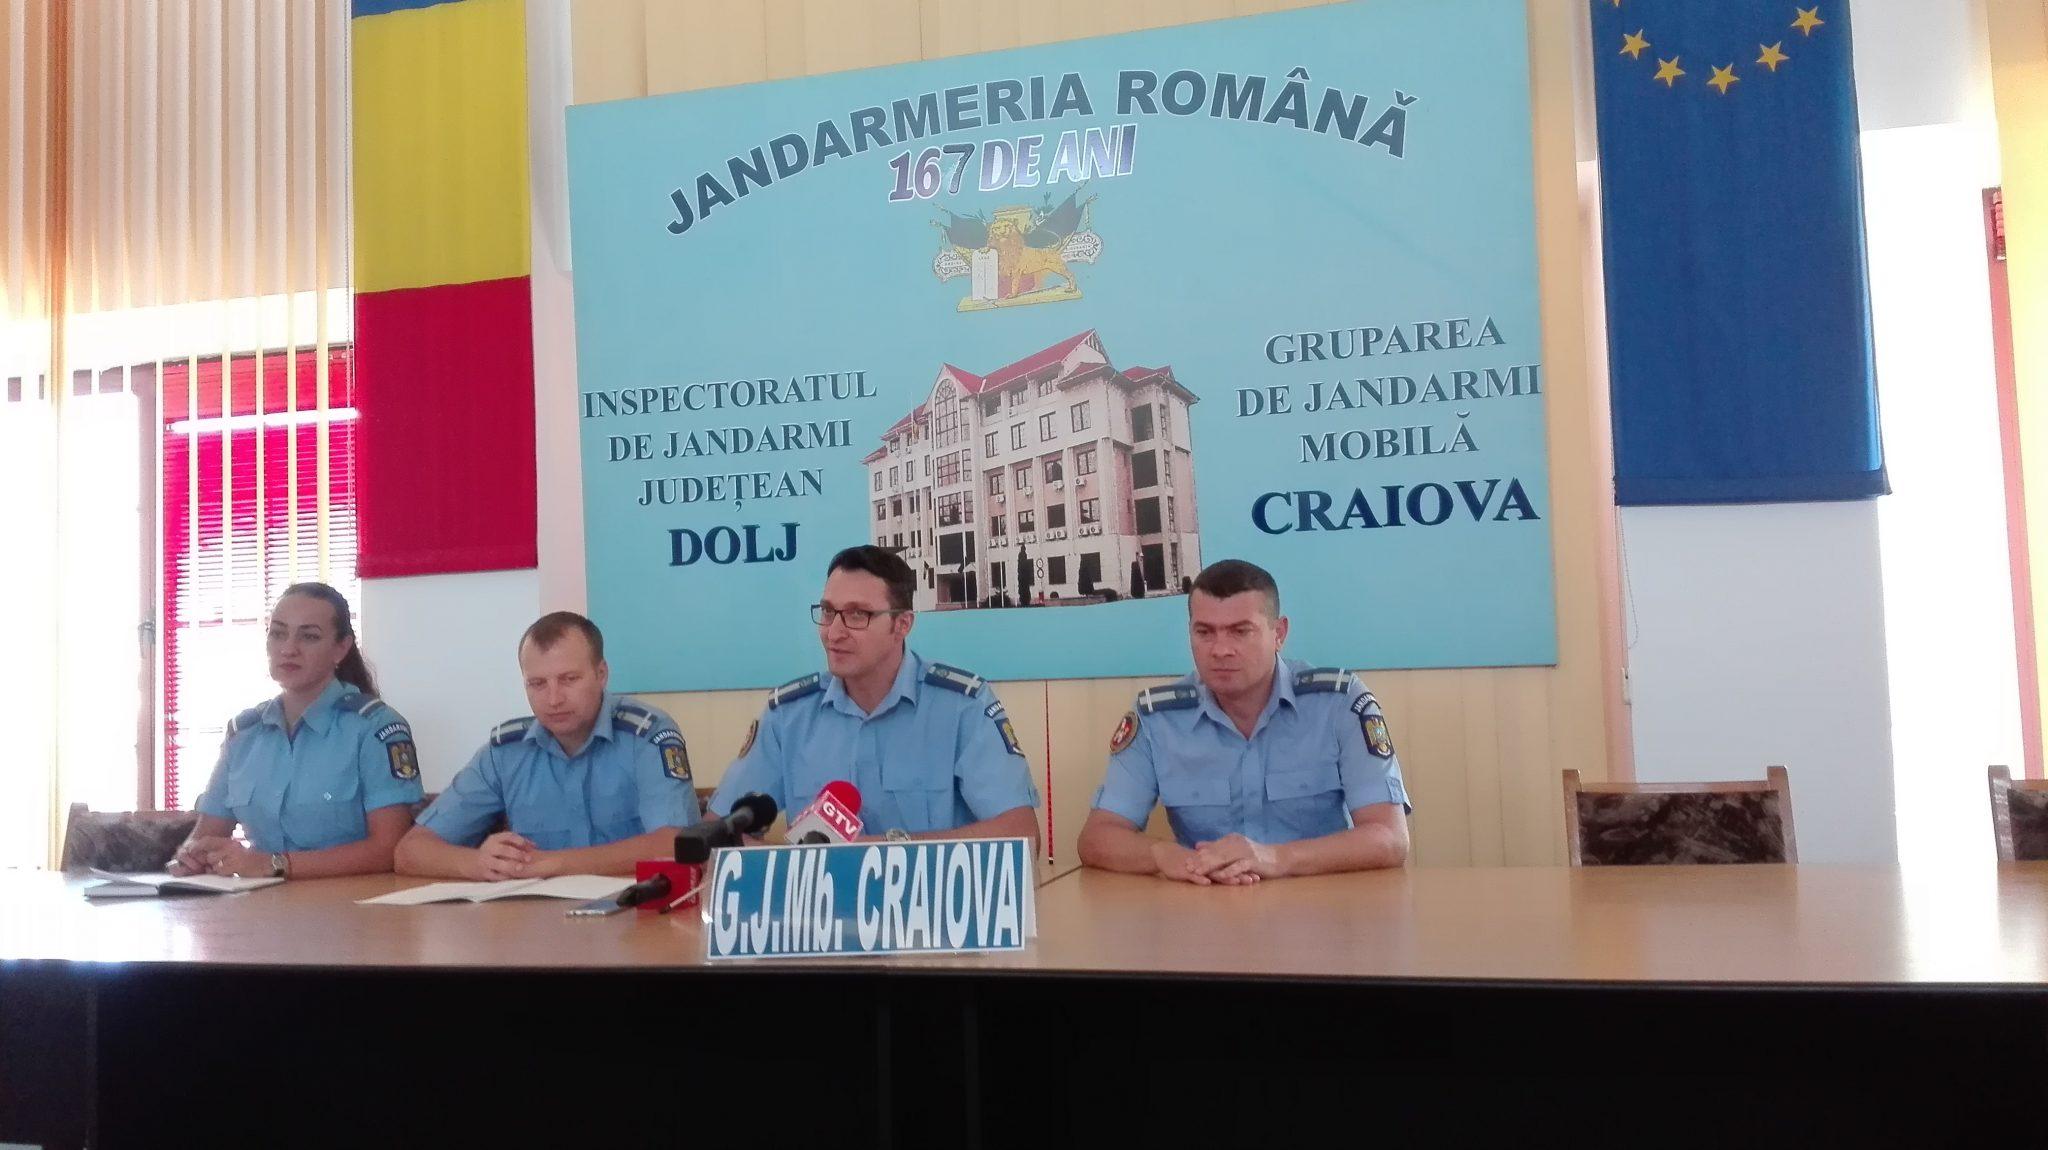 Conducere nouă la Gruparea de Jandarmi Craiova